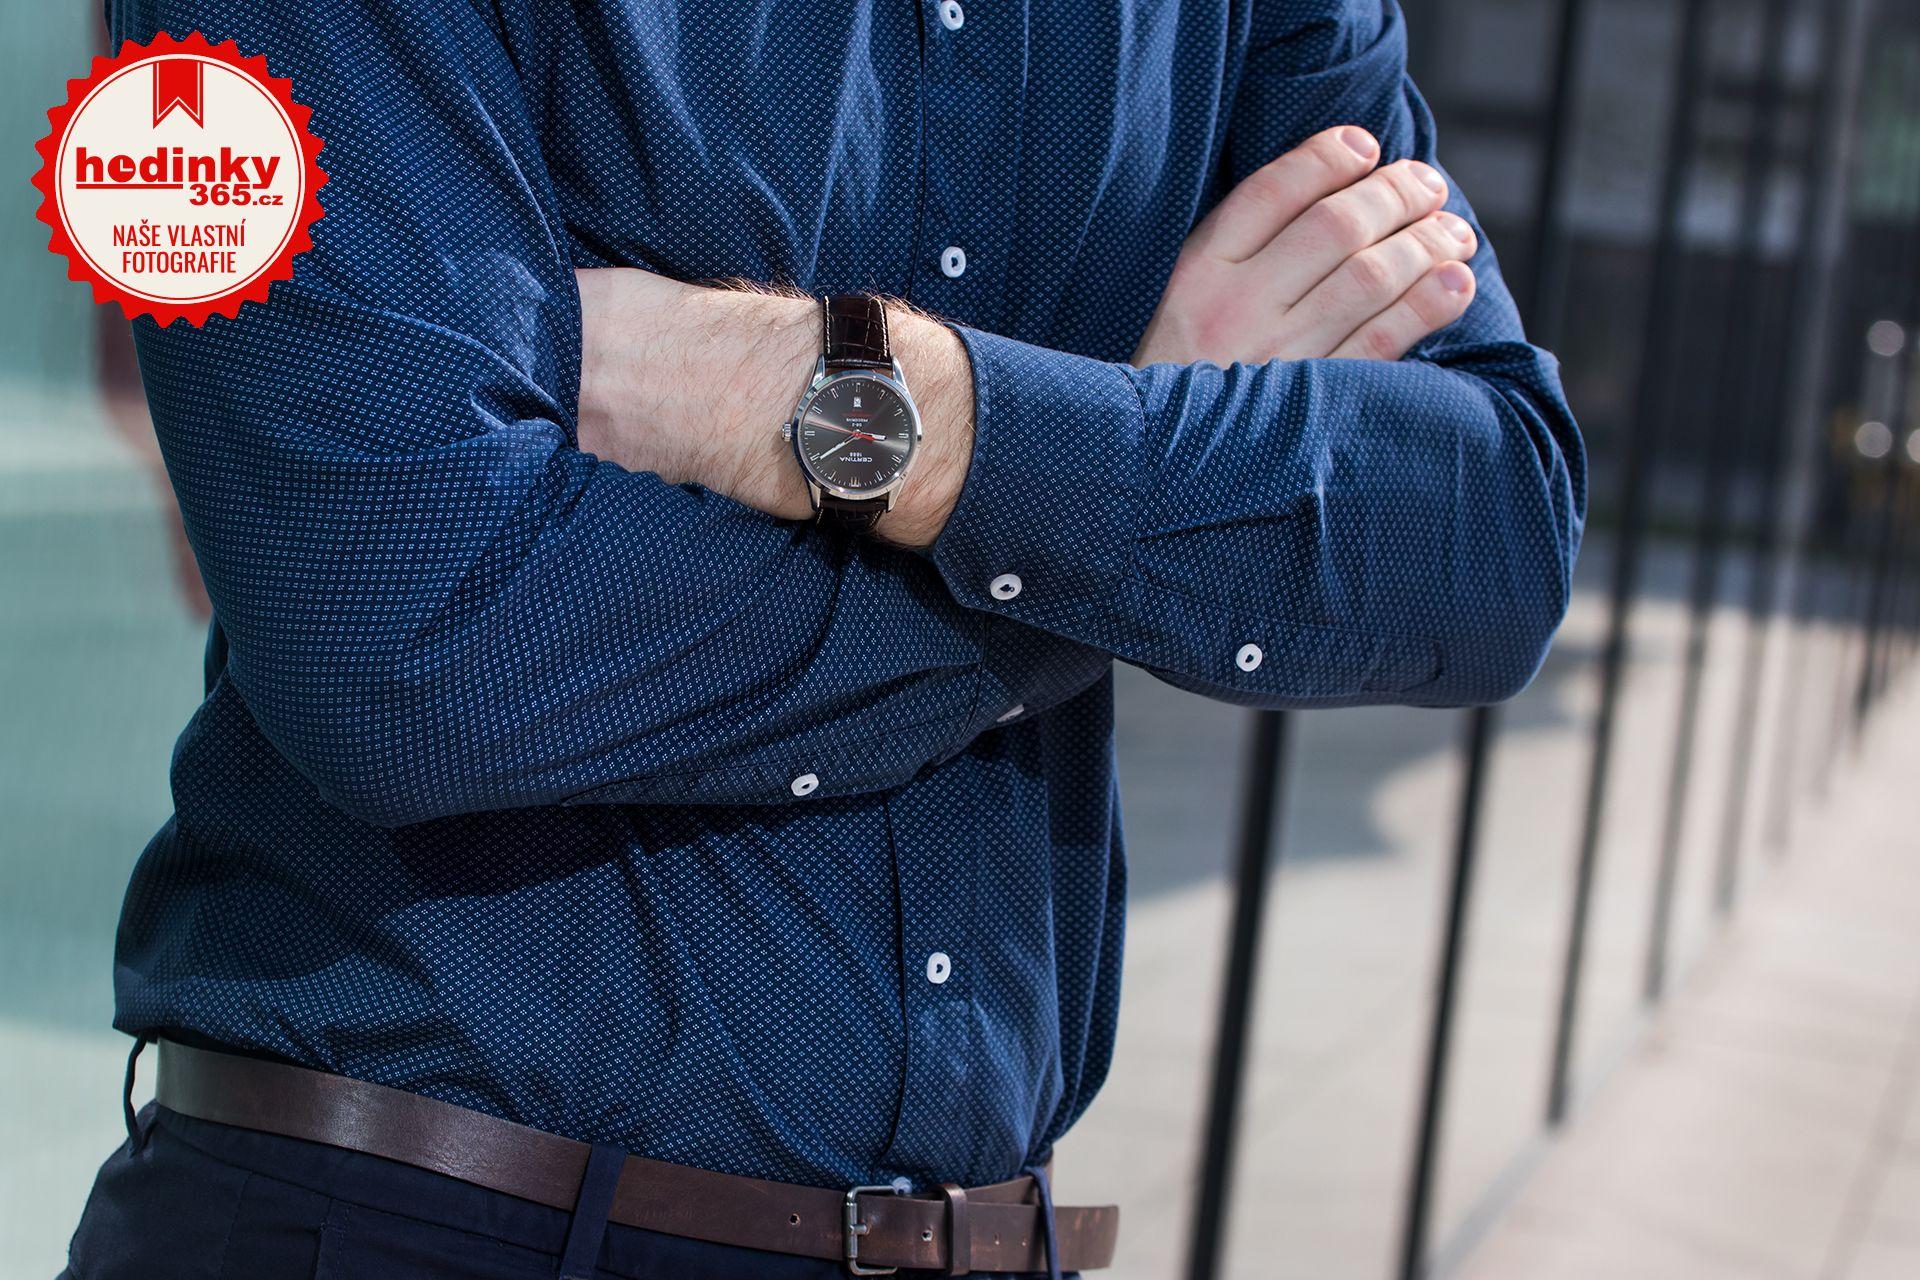 79f5f3417 Pánské hodinky - kožený řemínek, ocel pouzdro, safírové sklíčko. Veškeré  technické parametry naleznete níže